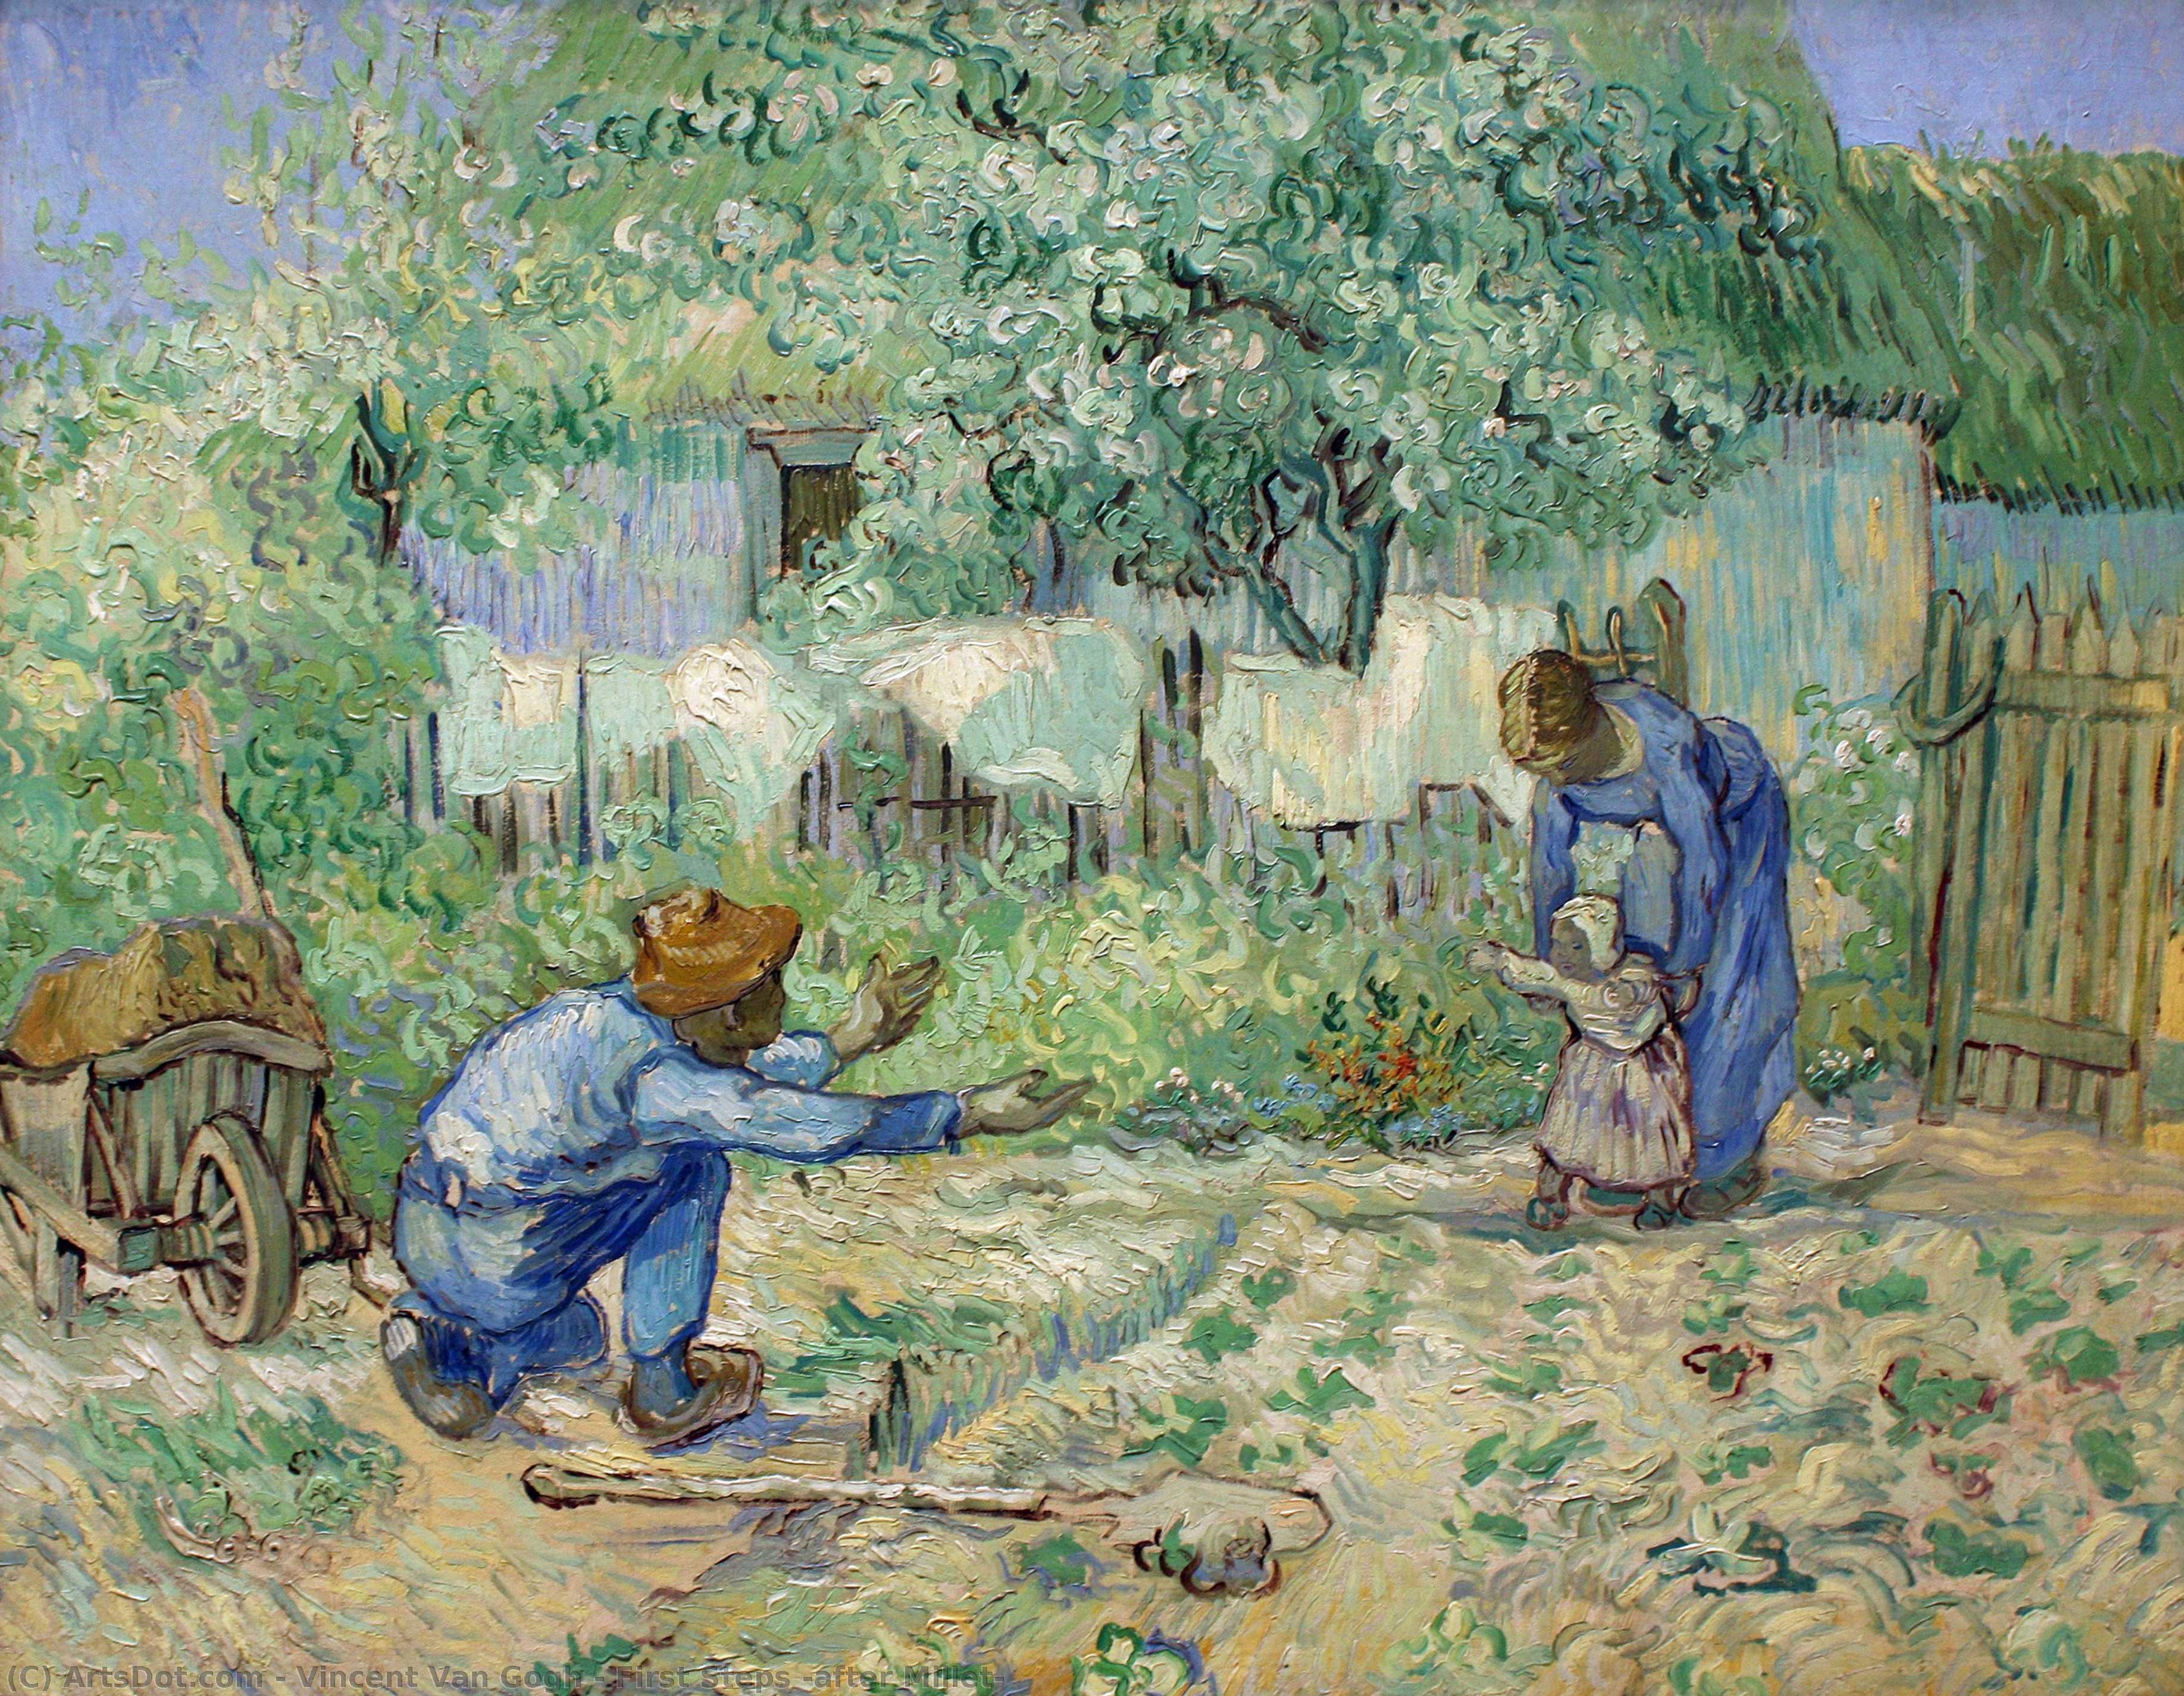 Wikioo.org – L'Enciclopedia delle Belle Arti - Pittura, Opere di Vincent Van Gogh - Primi passi dietro  miglio